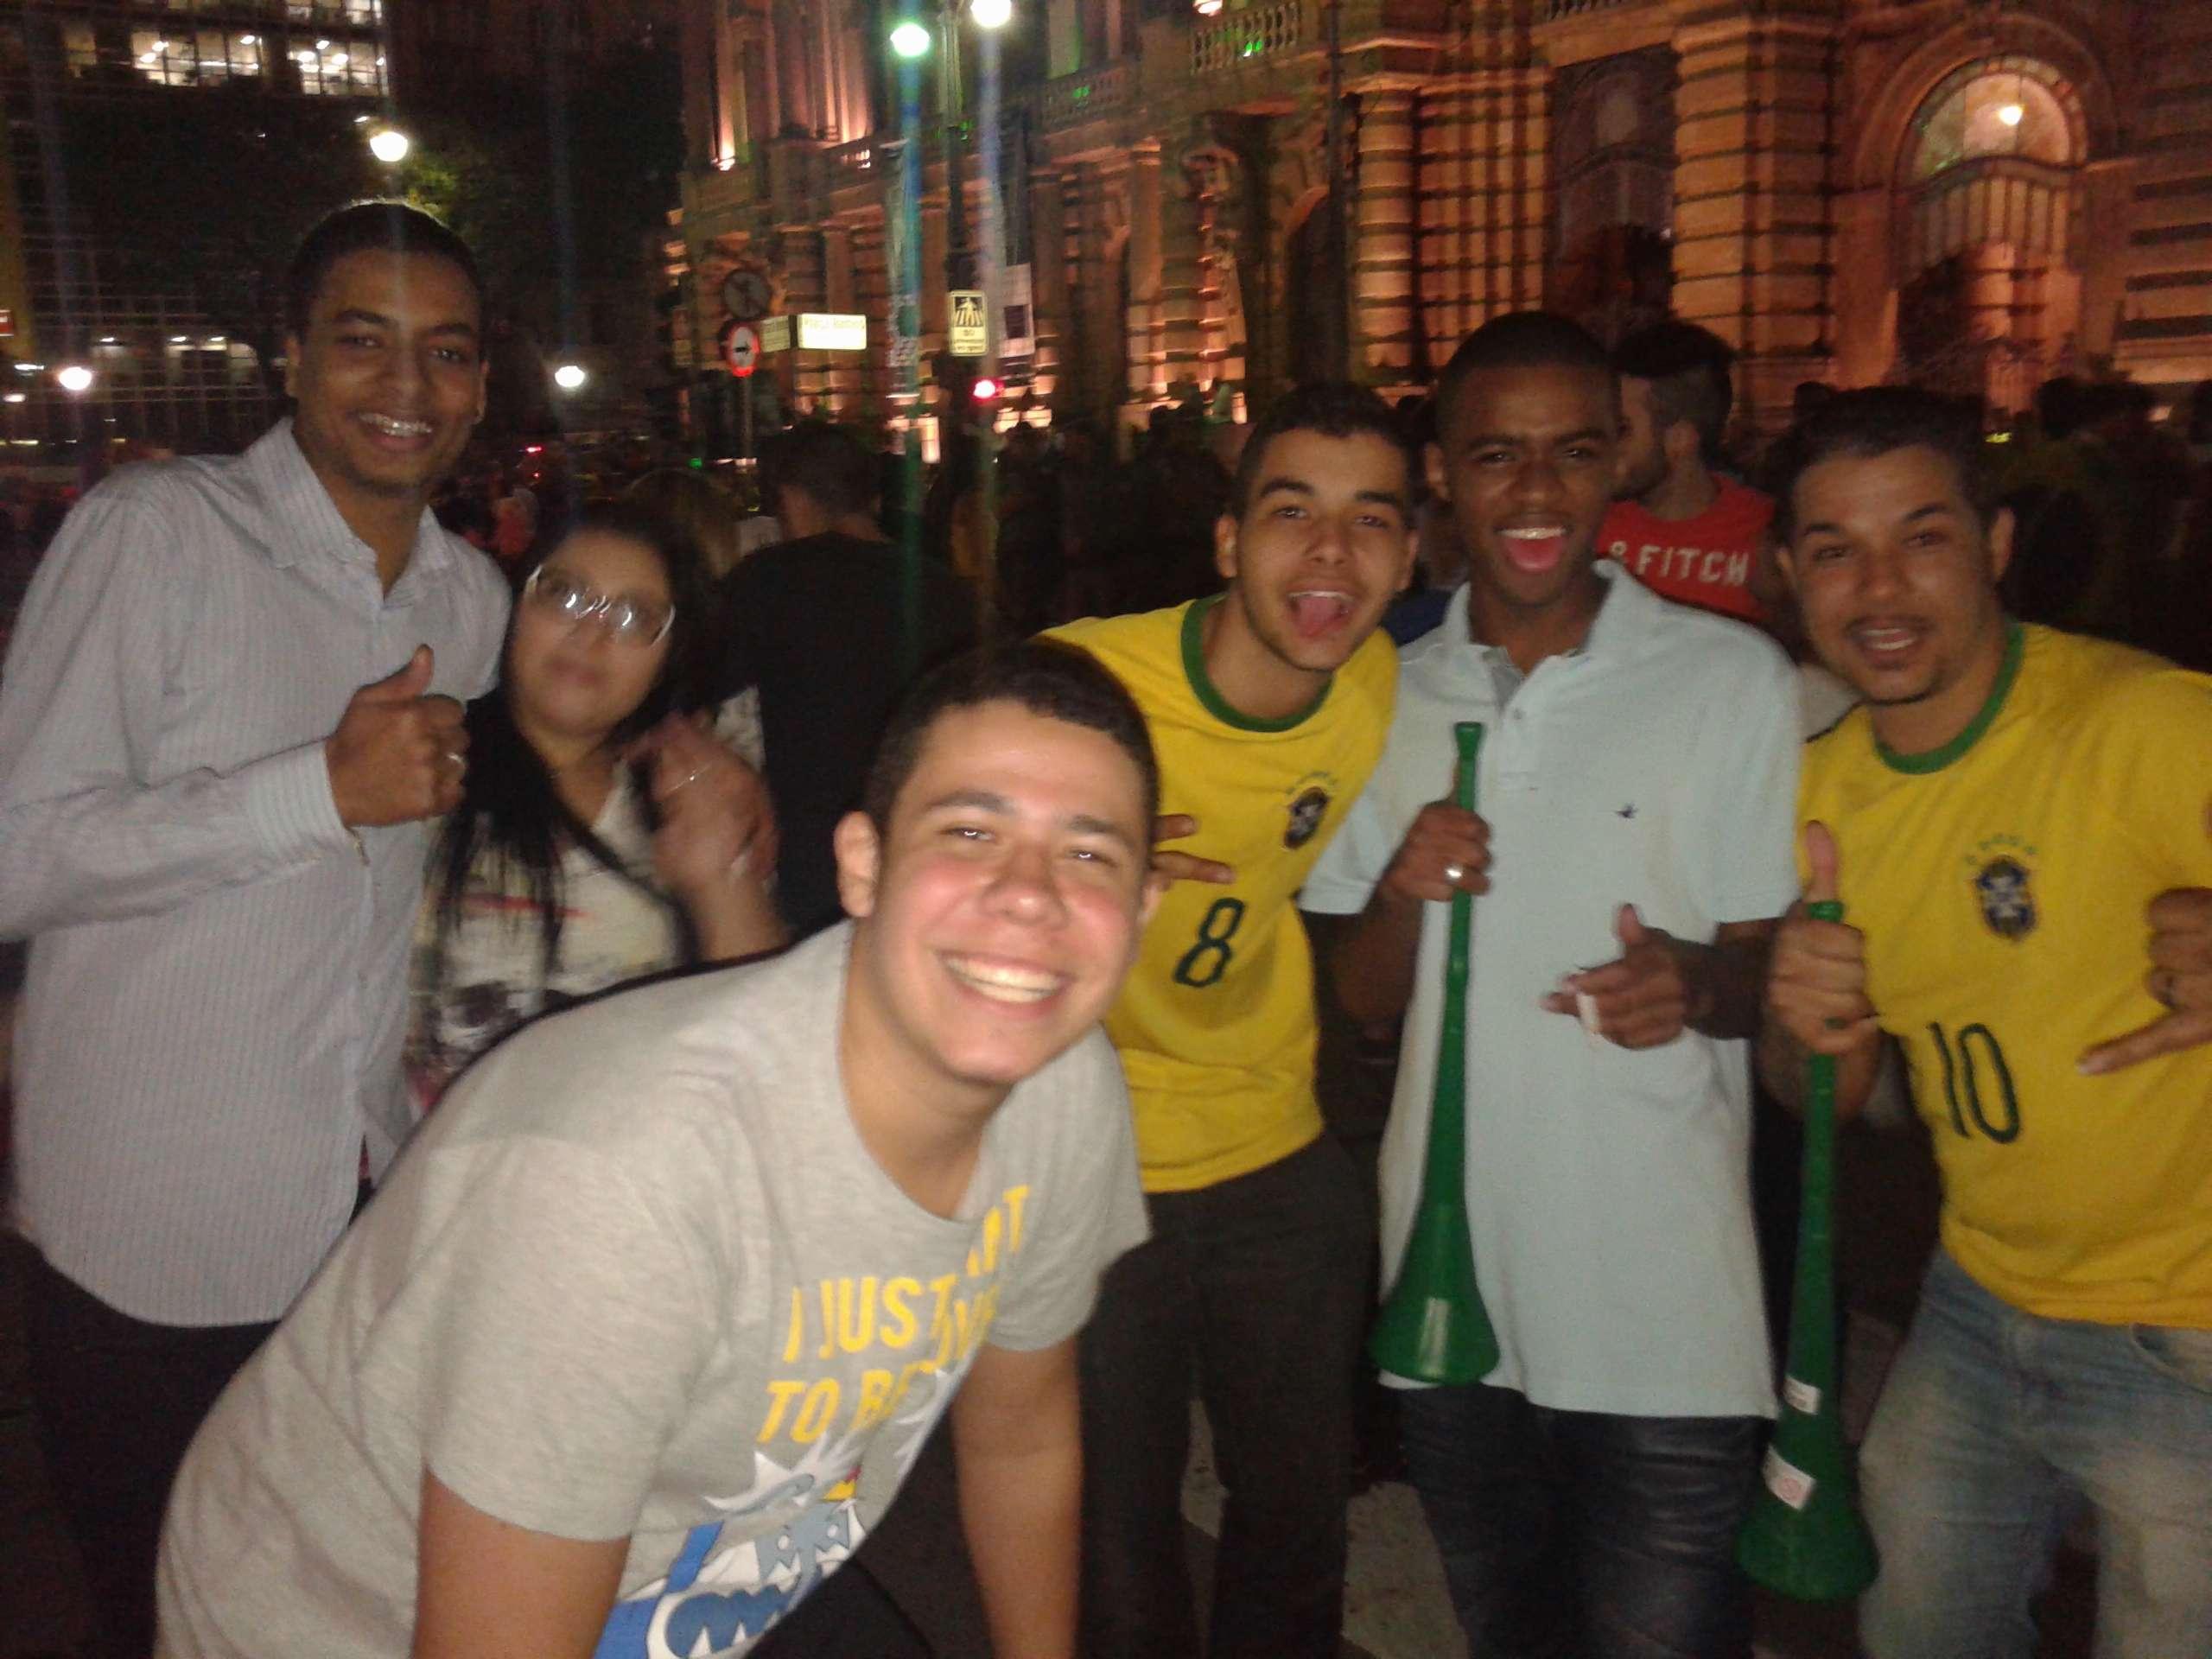 Траурная дискотека. Как улицы встретили позор сборной Бразилии - изображение 1